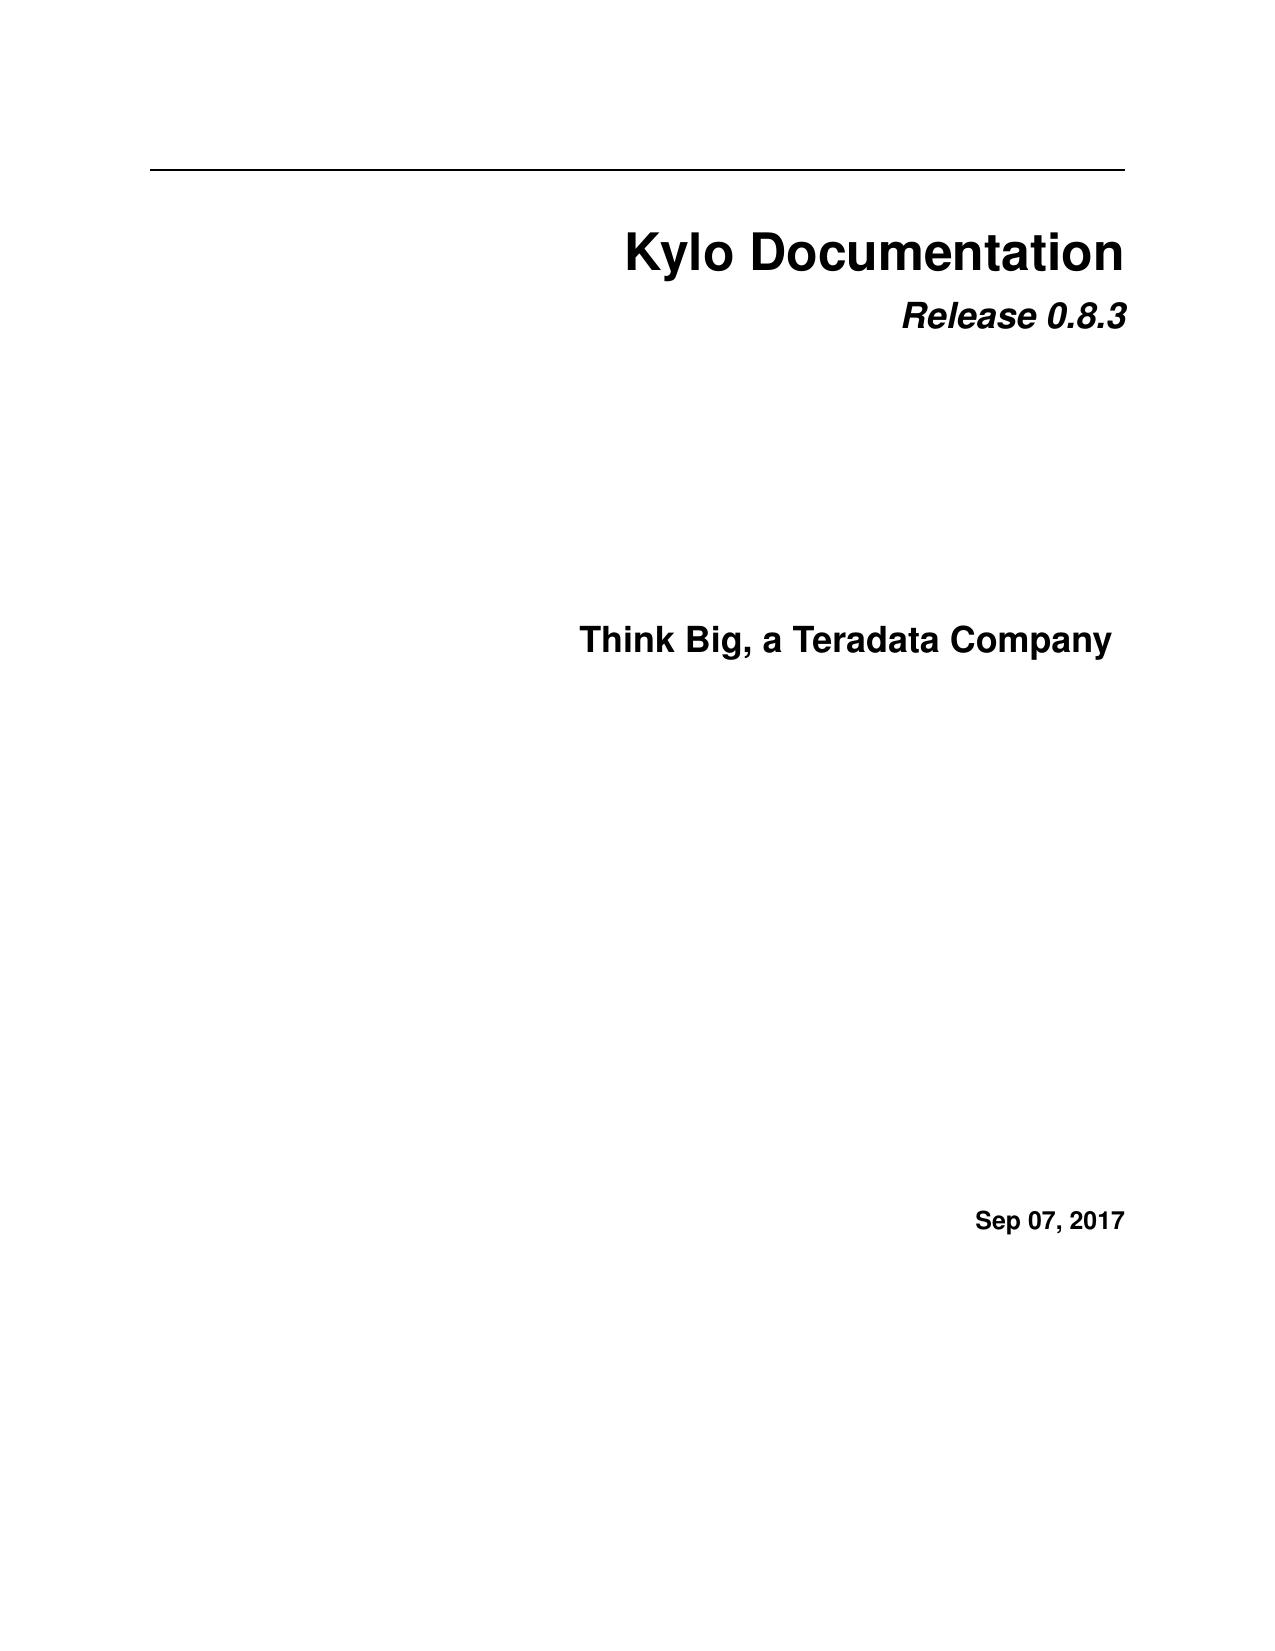 Kylo Documentation | manualzz com